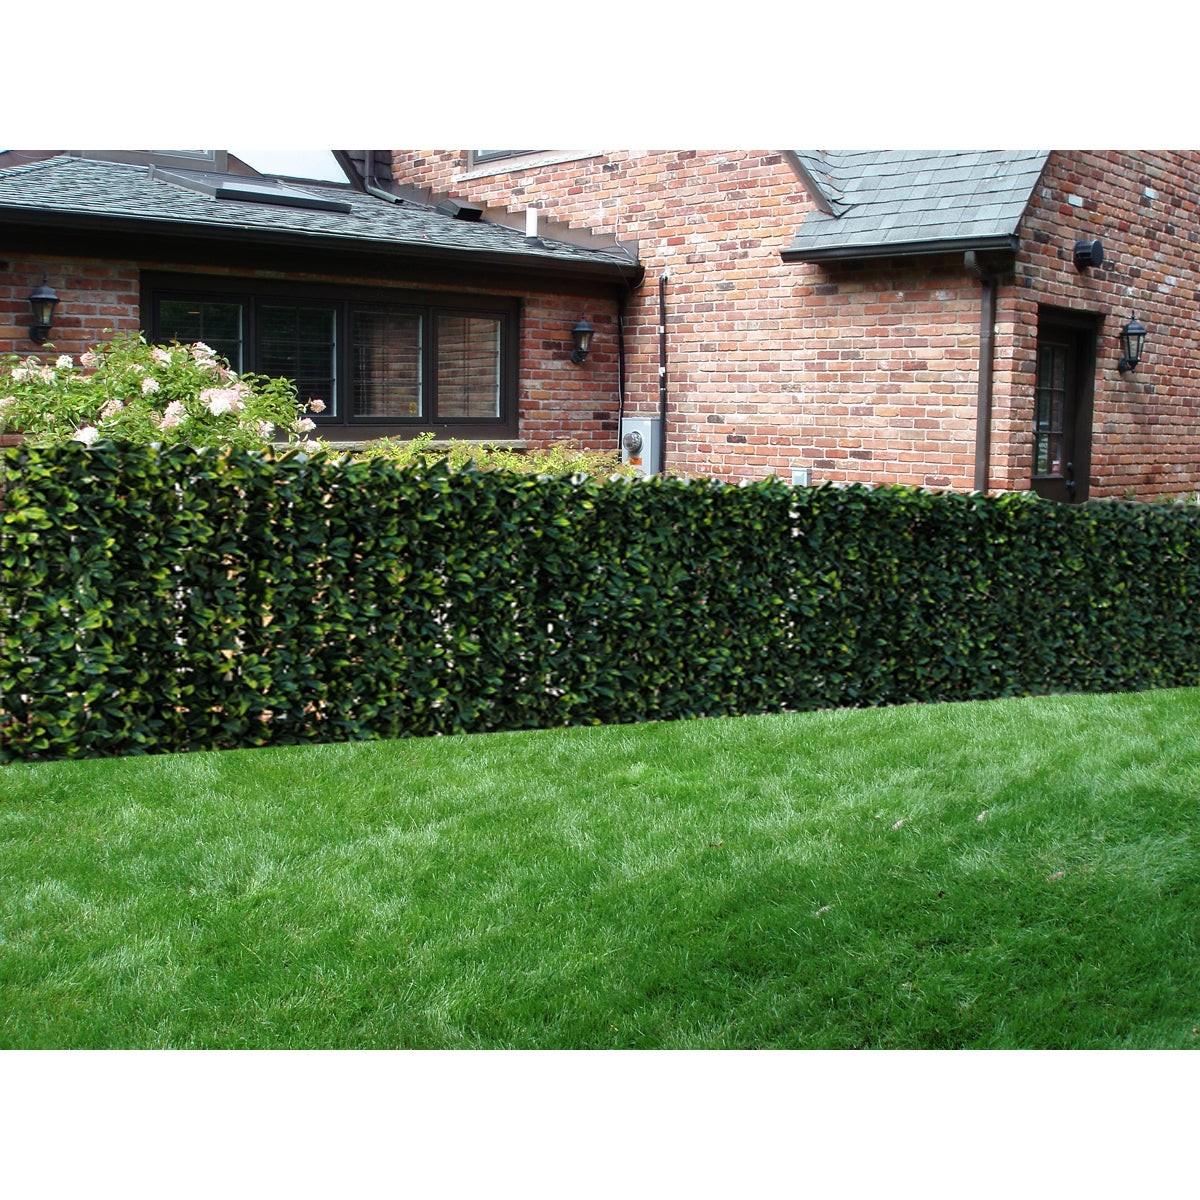 Haie artificielle comme clôture pour votre jardin.